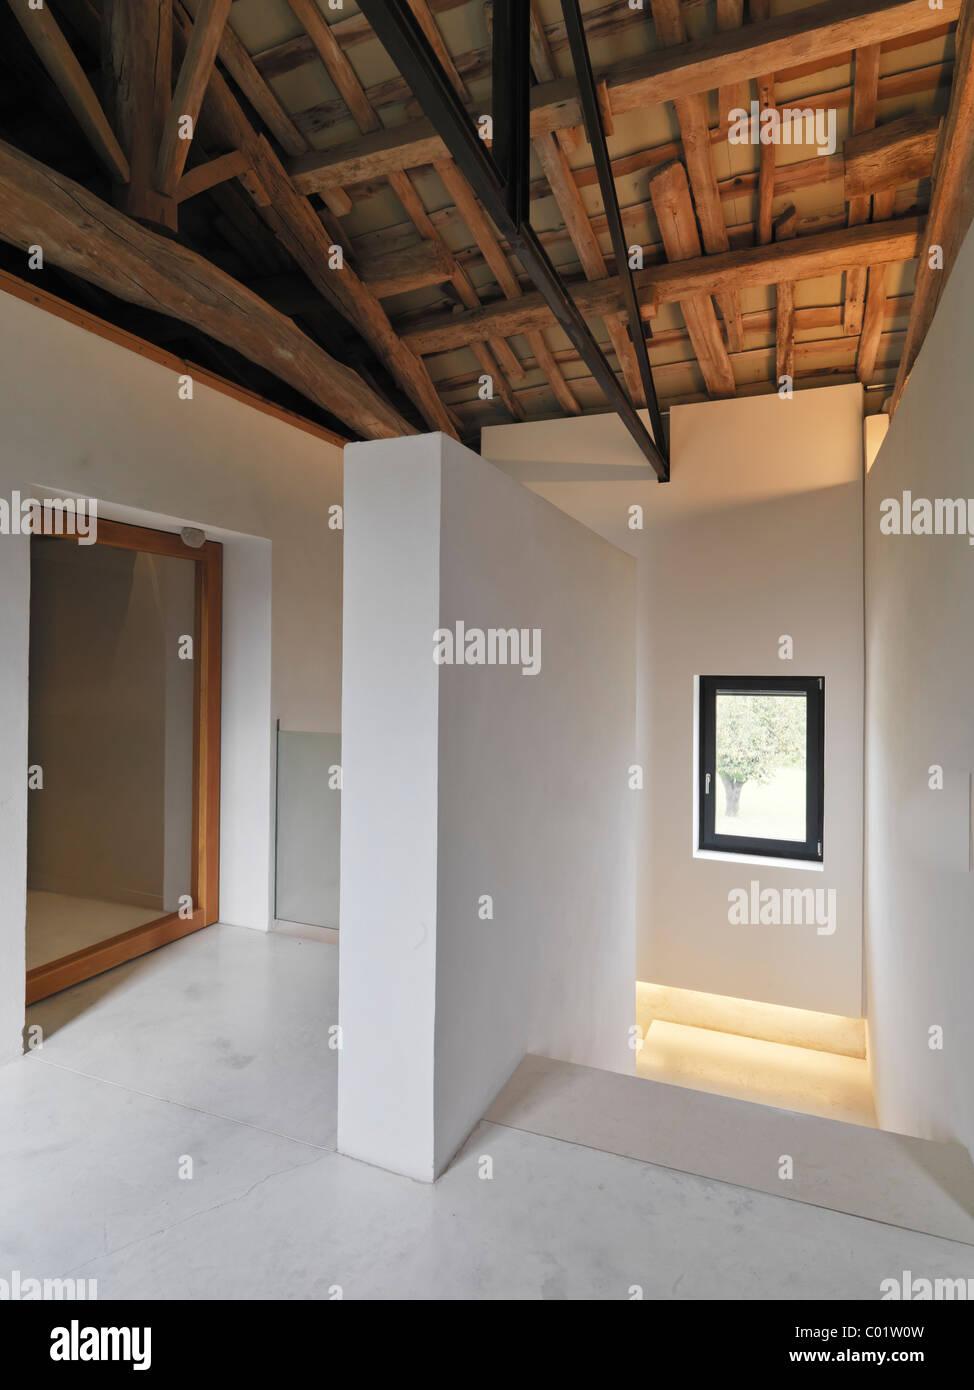 Sehr Treppe im Dachgeschoss mit Glas Geländer und Holzdecken in HA89